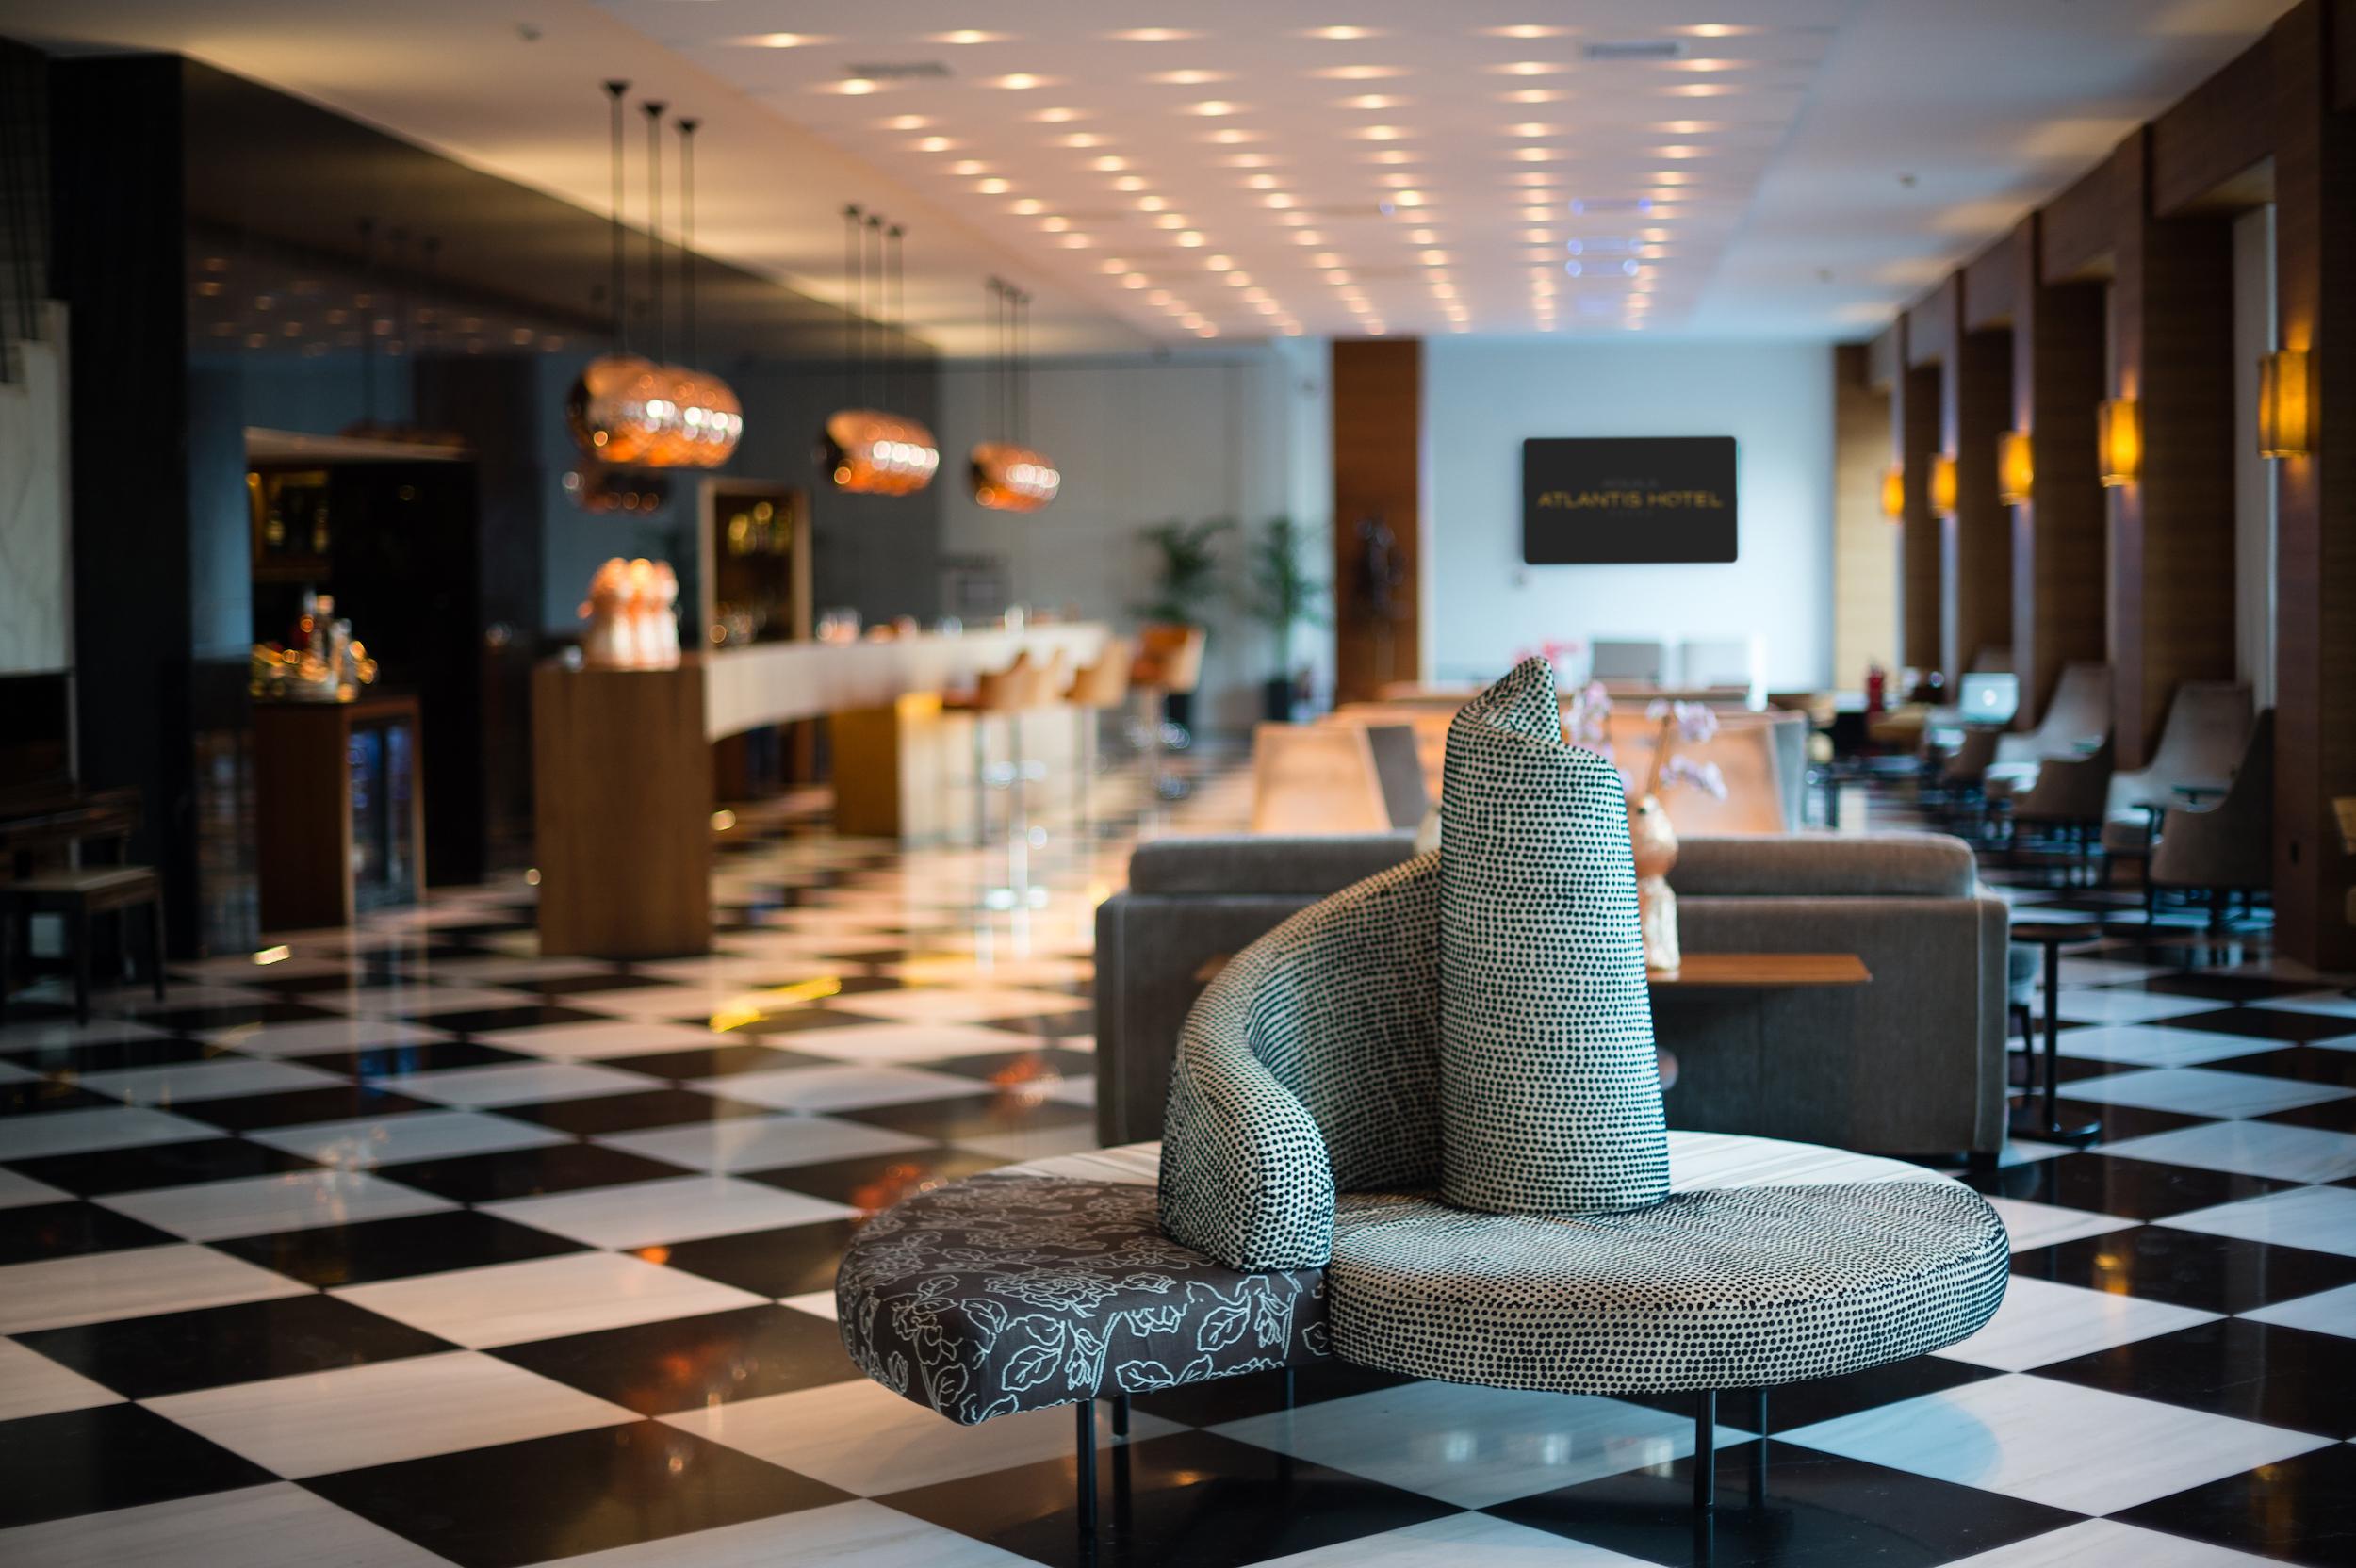 aquila atlantis hotel - lobby area 14 3